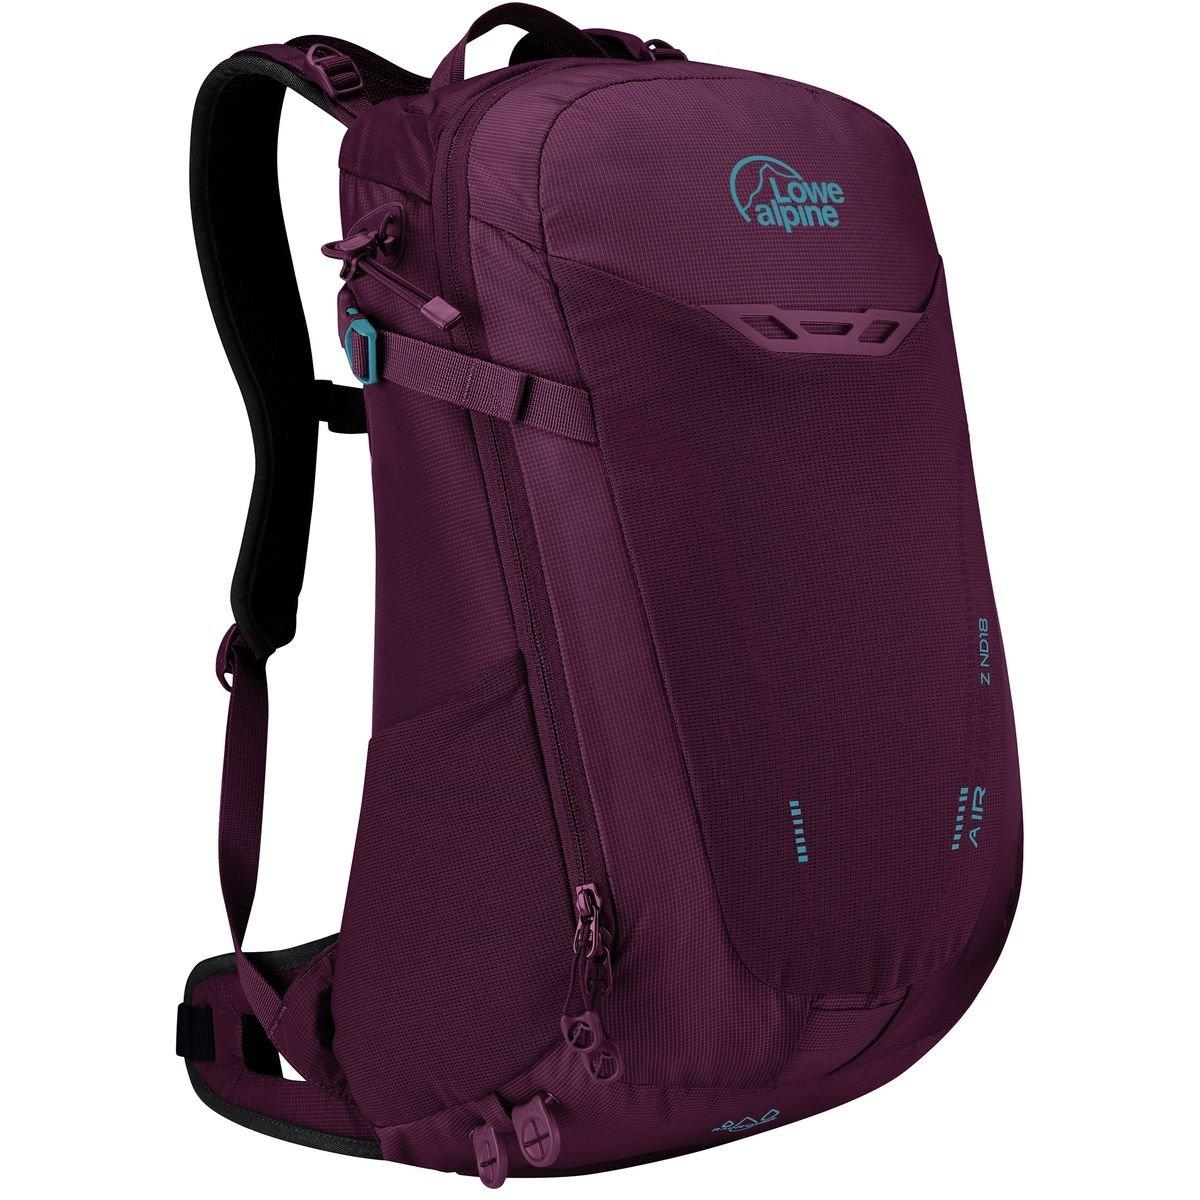 (ロウアルパイン) Lowe Alpine AirZone Z ND 18L Backpack - Women'sレディース バックパック リュック Berry [並行輸入品]   B07CPRDZV8